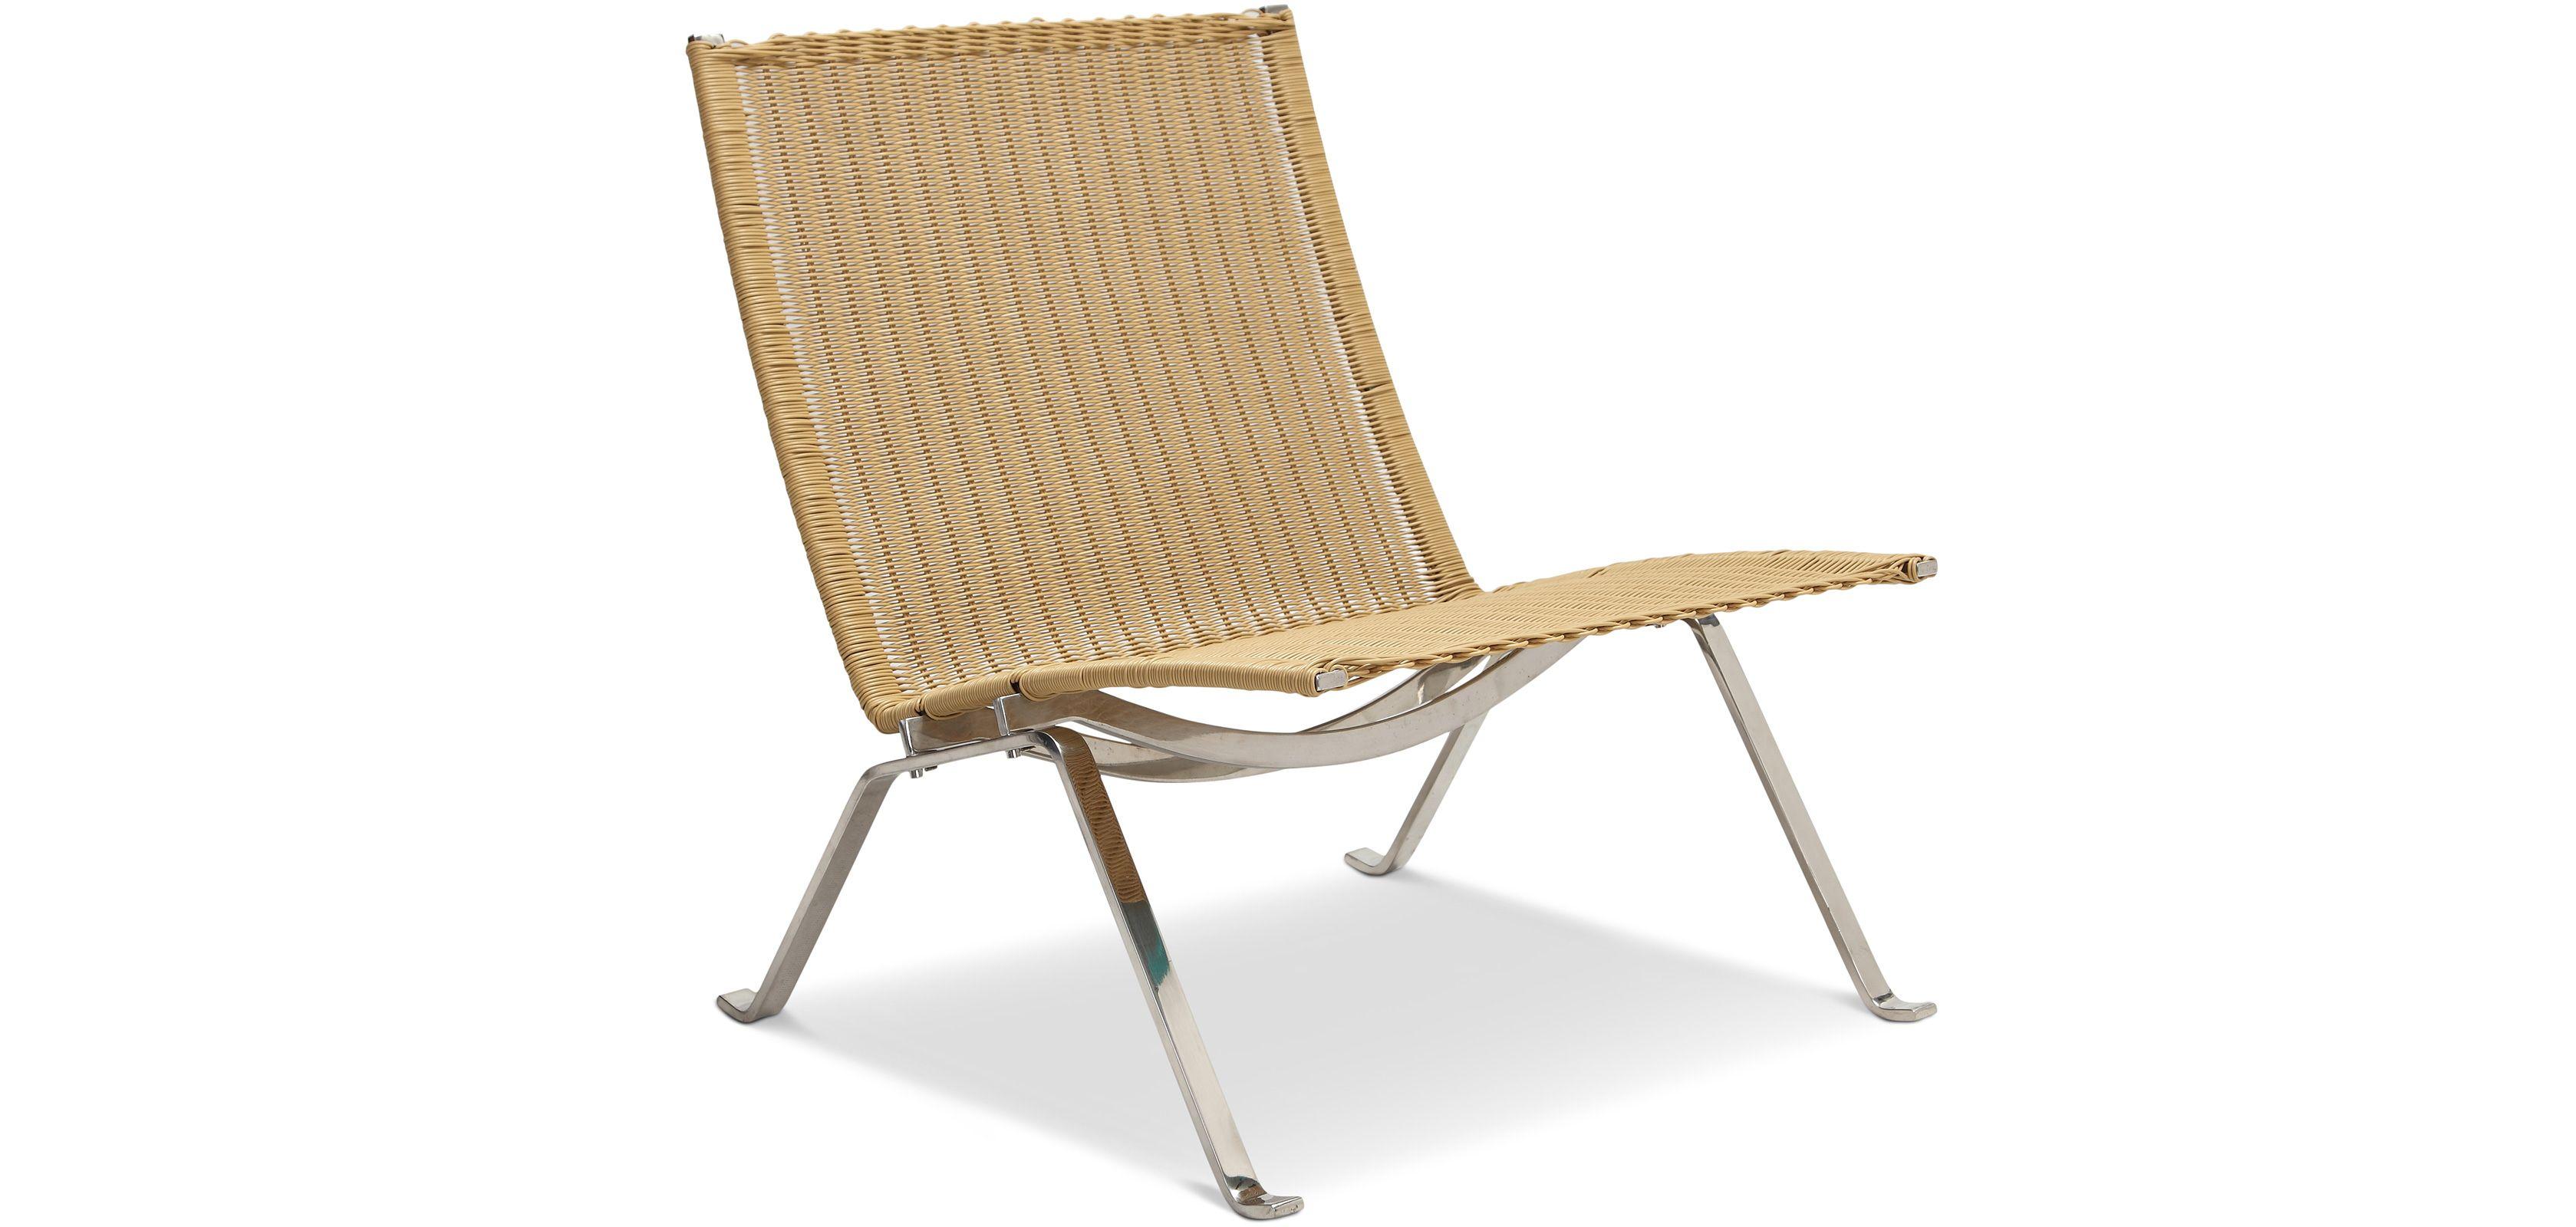 Chaise Longue Pk22 Style Poul Kjaerholm Rotin Outdoor Chairs Chaise Longue Outdoor Furniture